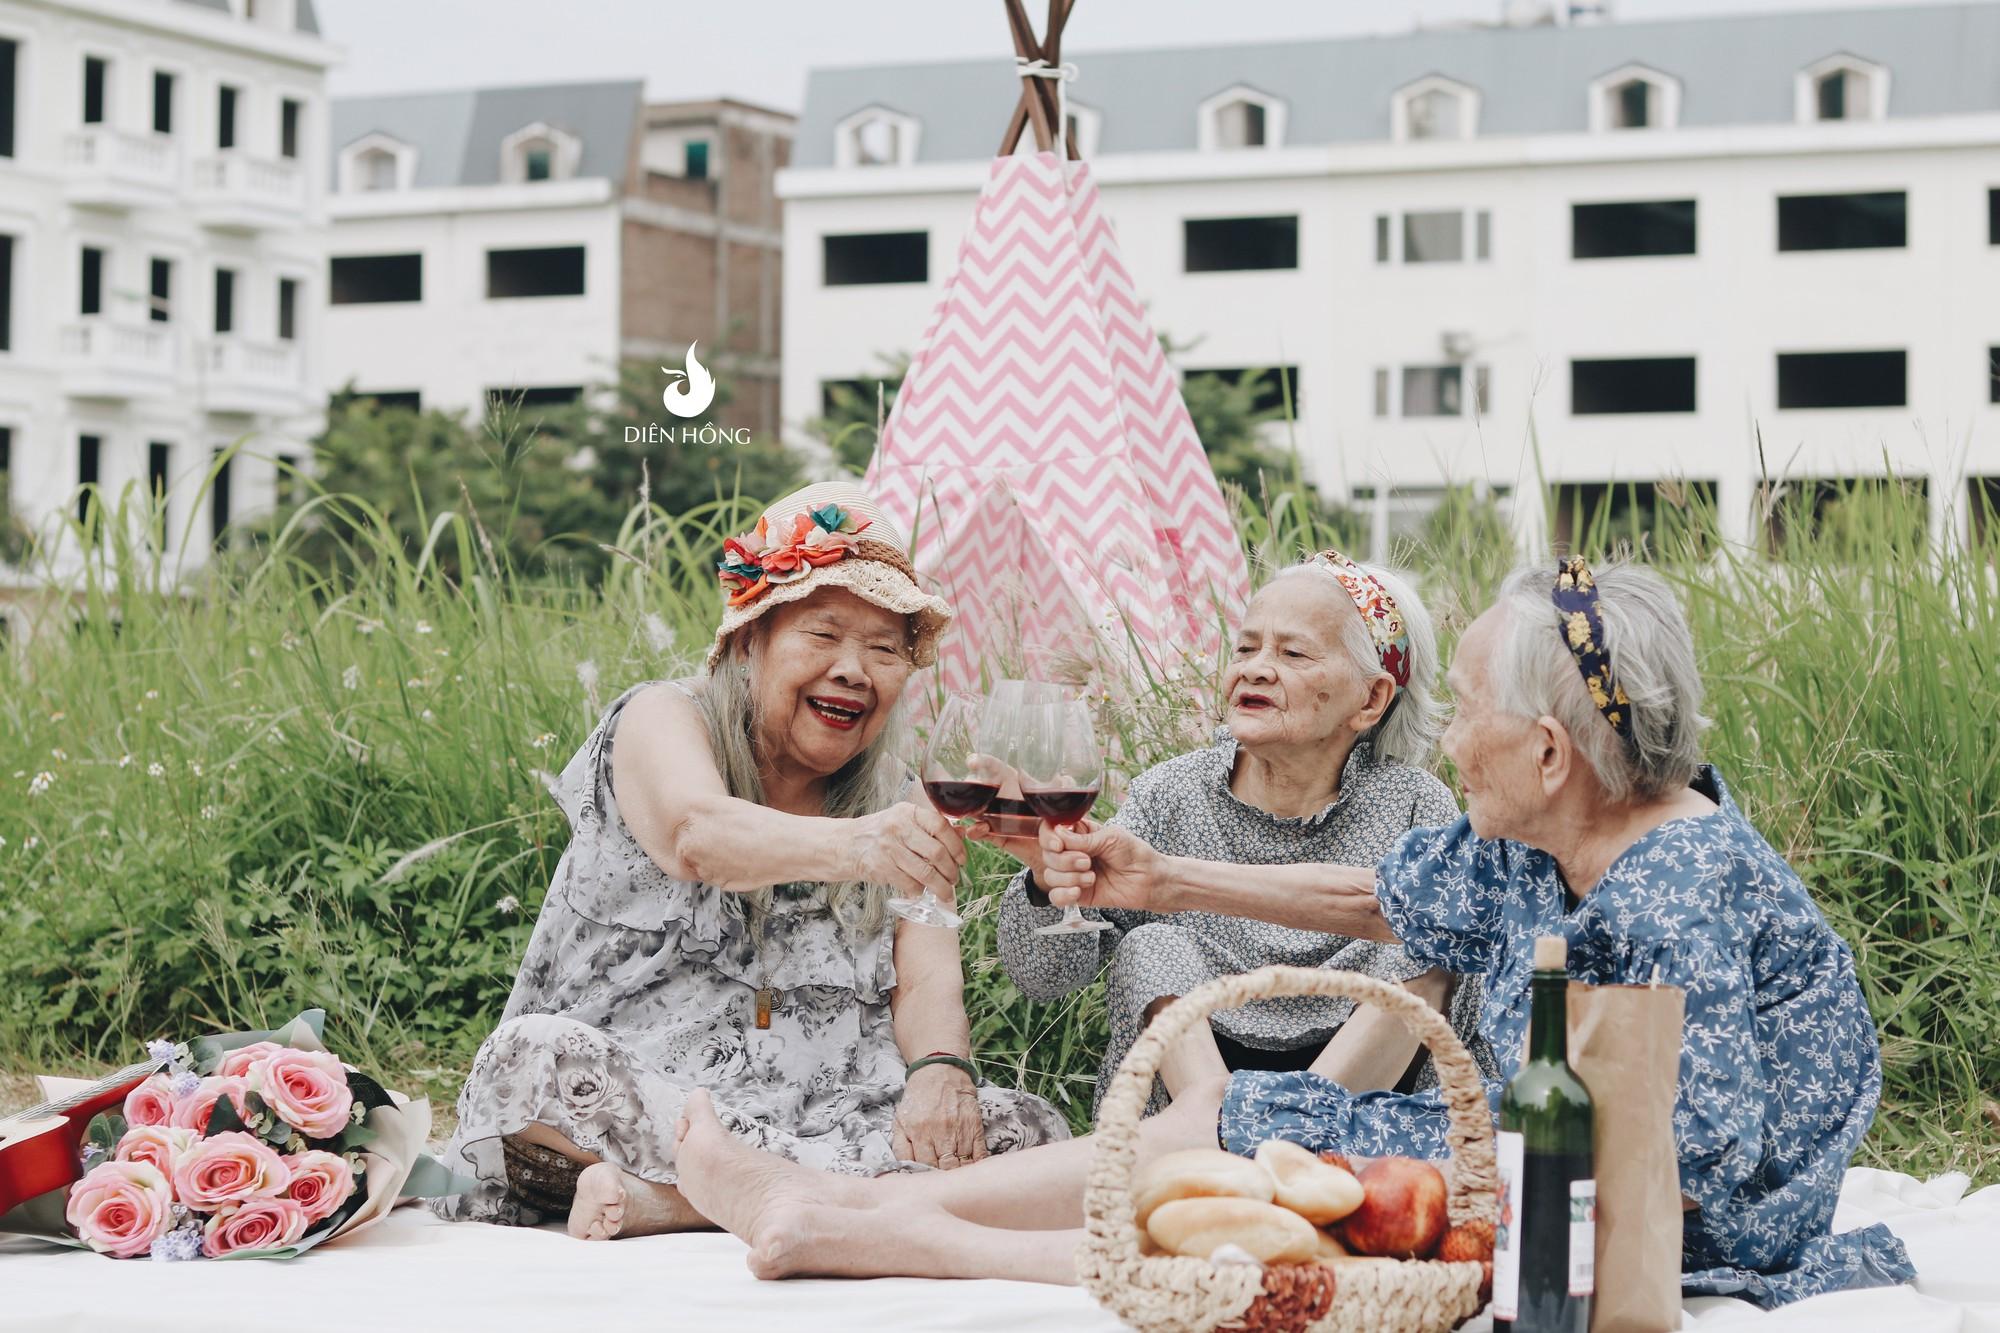 Bộ ảnh đáng yêu về hội chị em U90 đi picnic trong viện dưỡng lão: Đời có bao lâu, ta cứ vui thôi! - Ảnh 1.